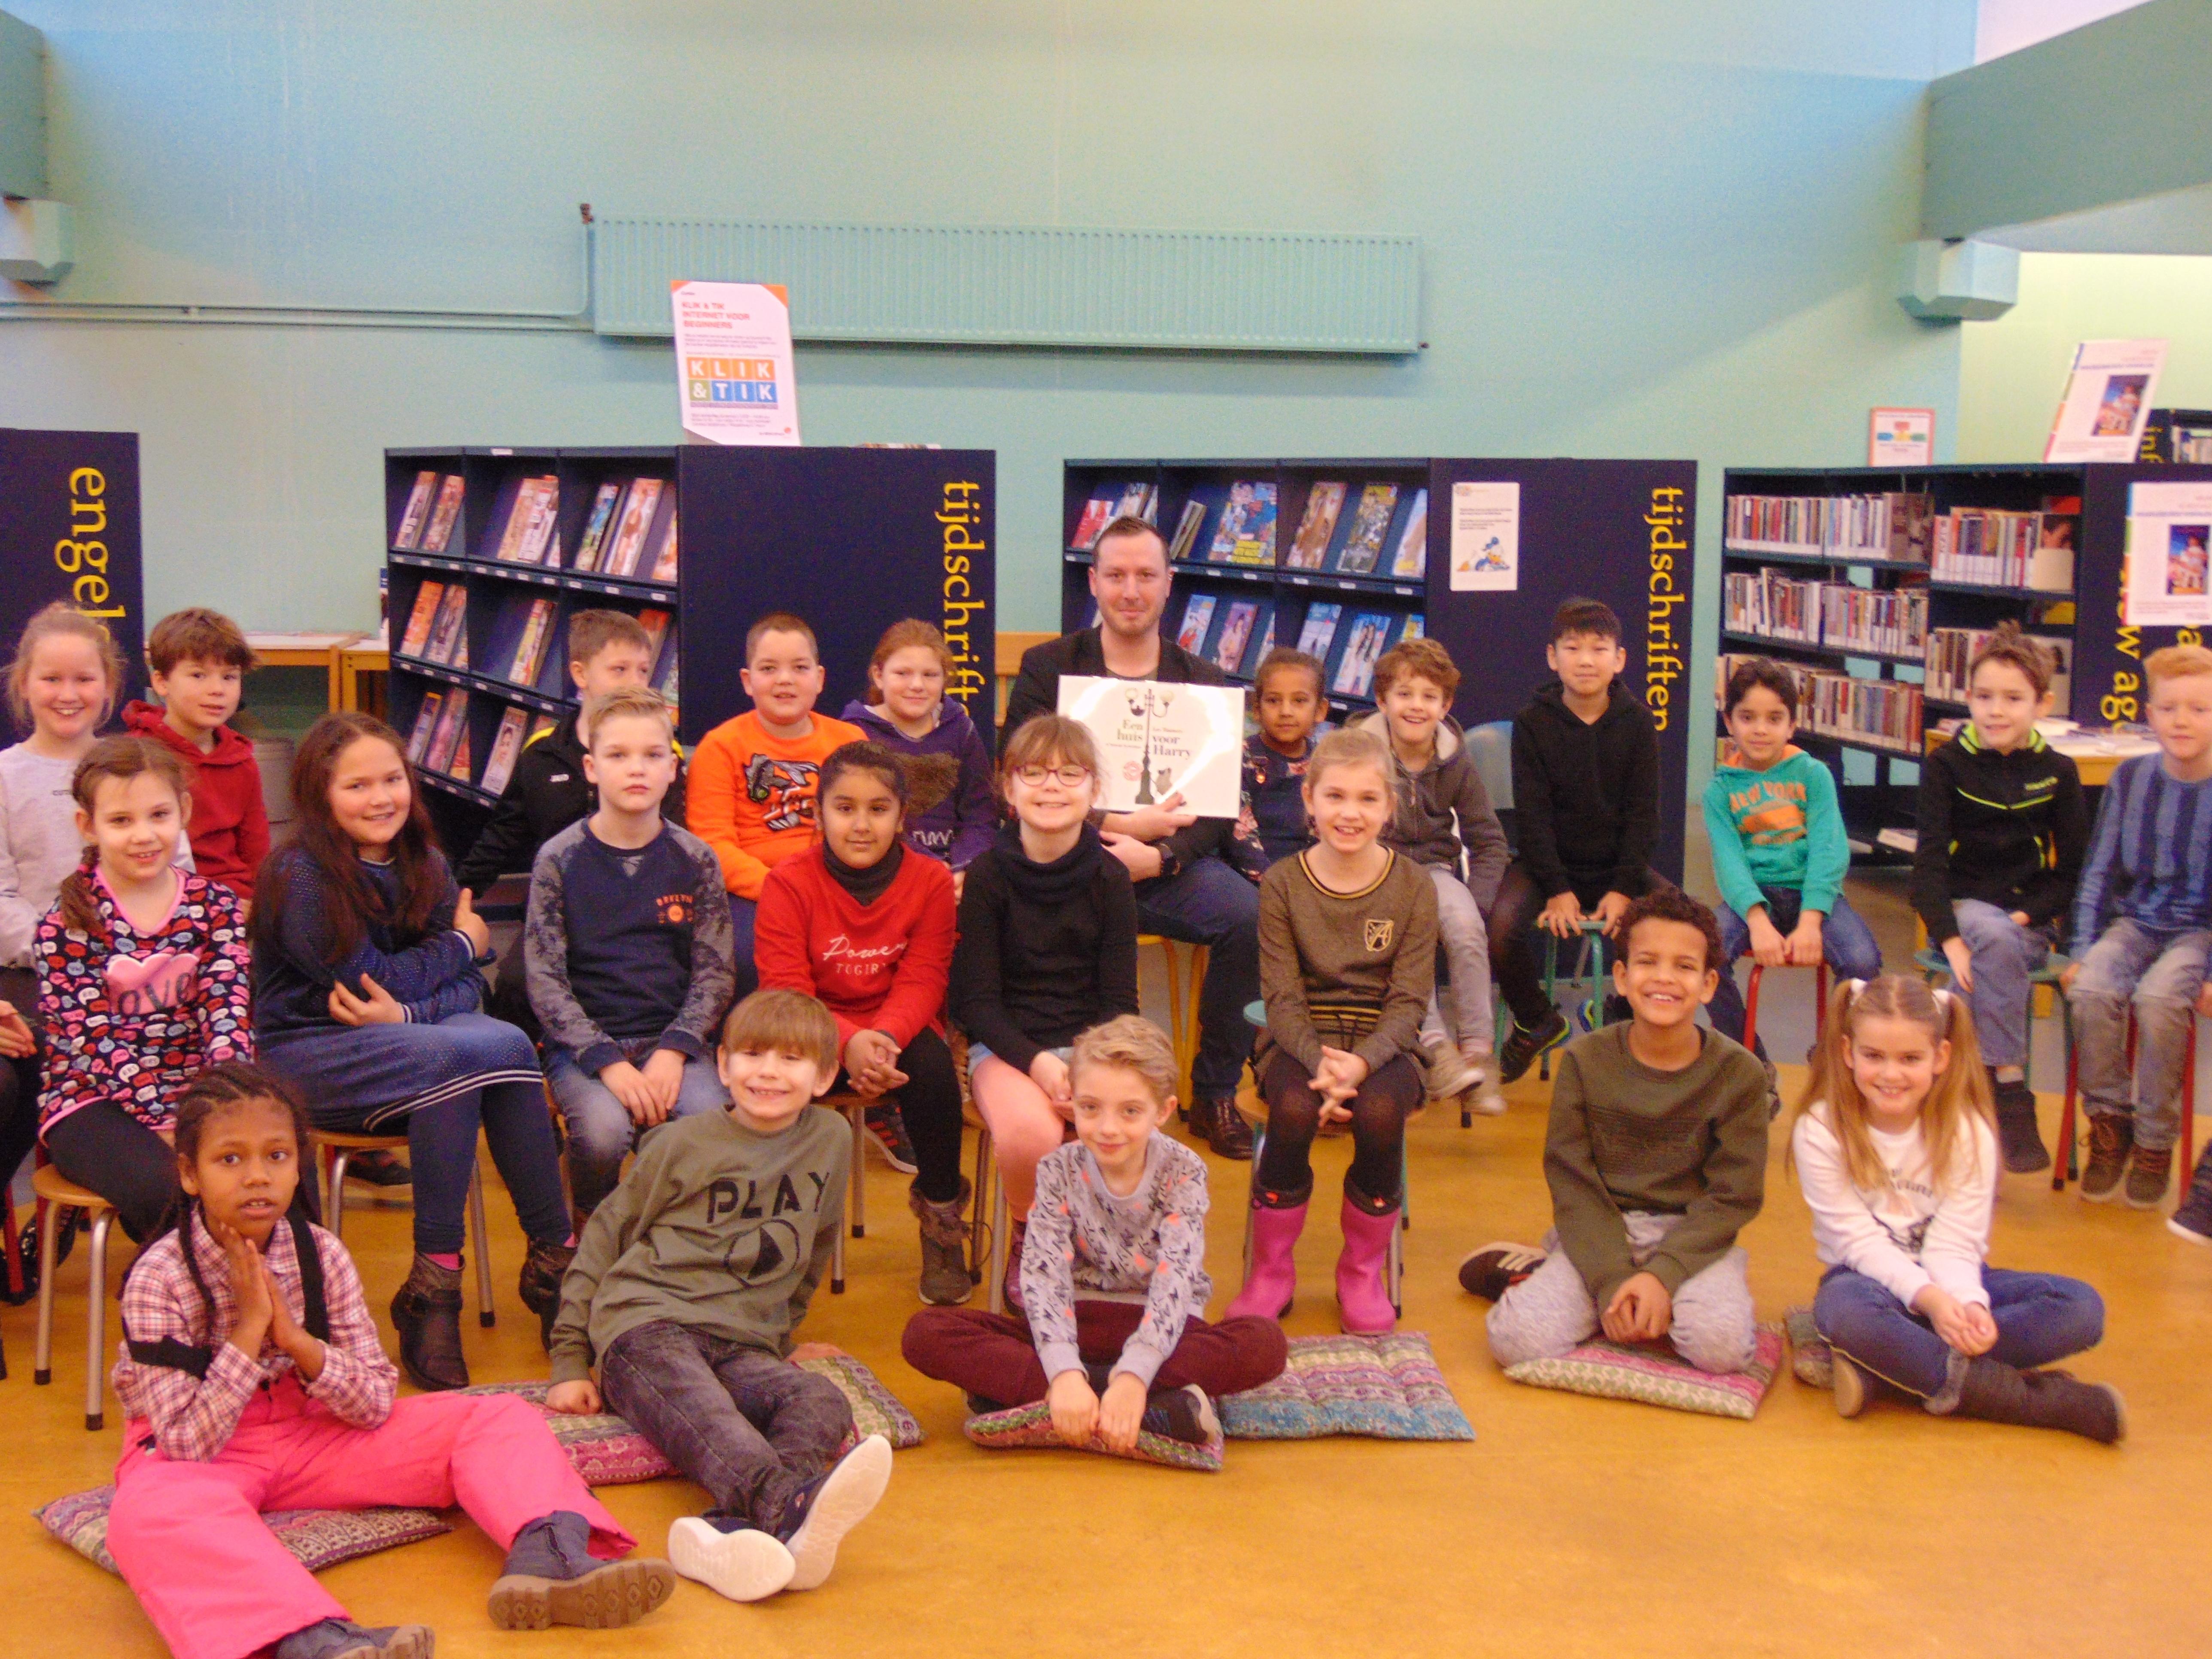 Wethouder Samir Bashara las onlangs voor in de bibliotheek in de Huesmolen aan leerlingen van basisschool Het Kompas in Hoorn.